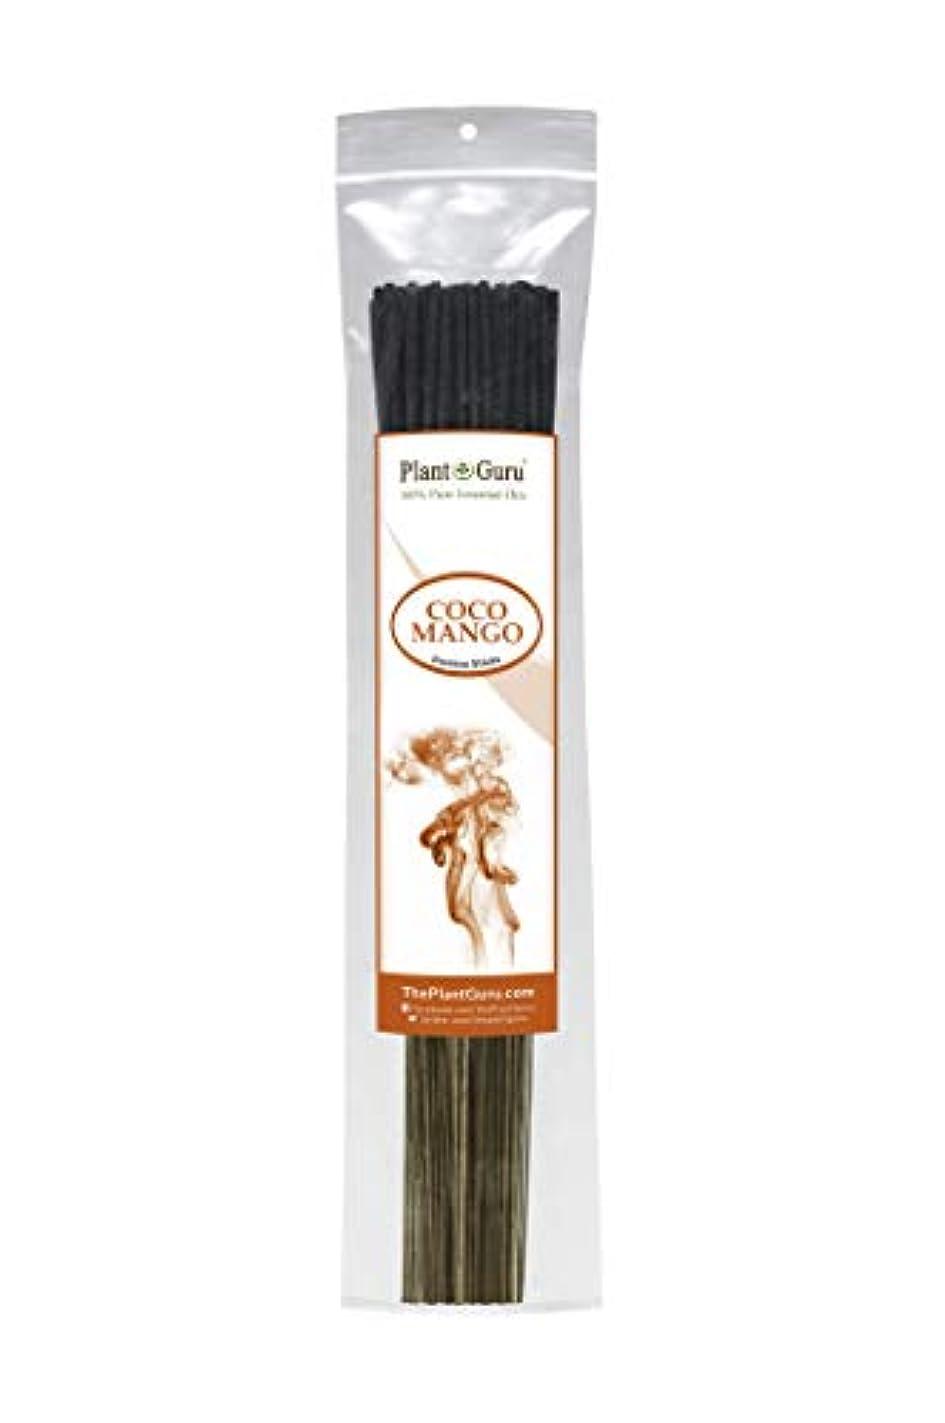 再現する商標シリーズCoco MangoエキゾチックIncense Sticks、185グラムで各バンドル85 to 100スティック、プレミアム品質Smooth Clean Burn、各スティックは10.5インチ長Burn時間は45 60...